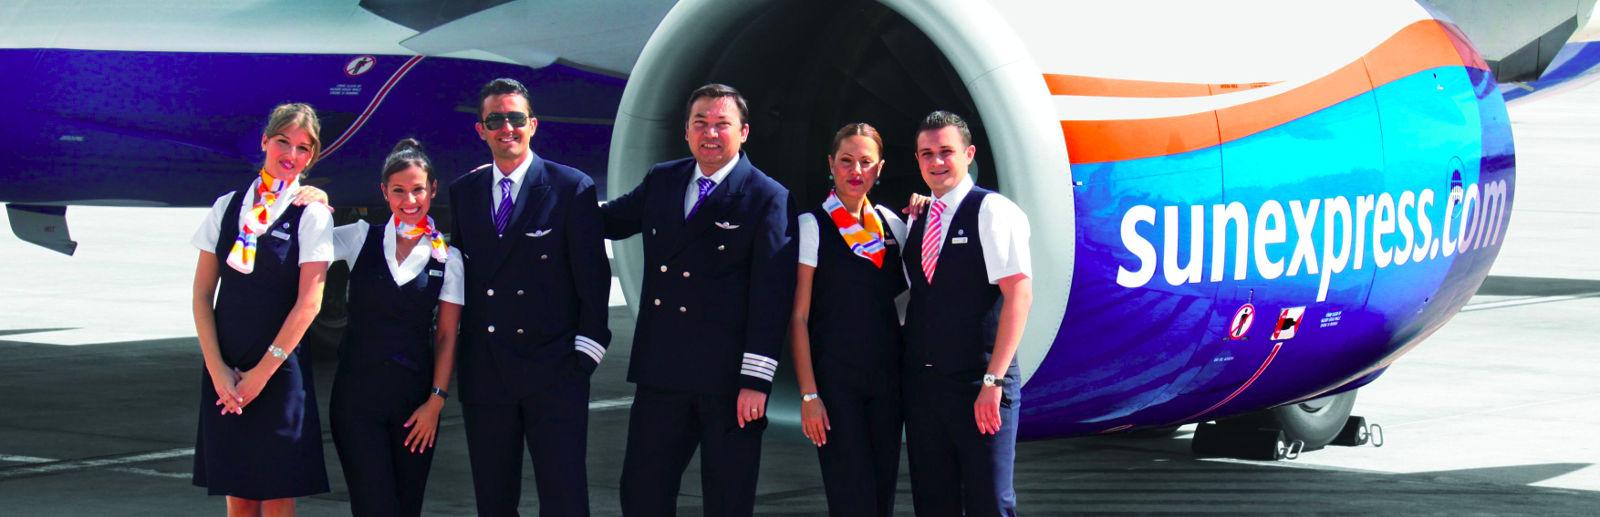 Luftfahrt Jobs Finden Sunexpress Career Center